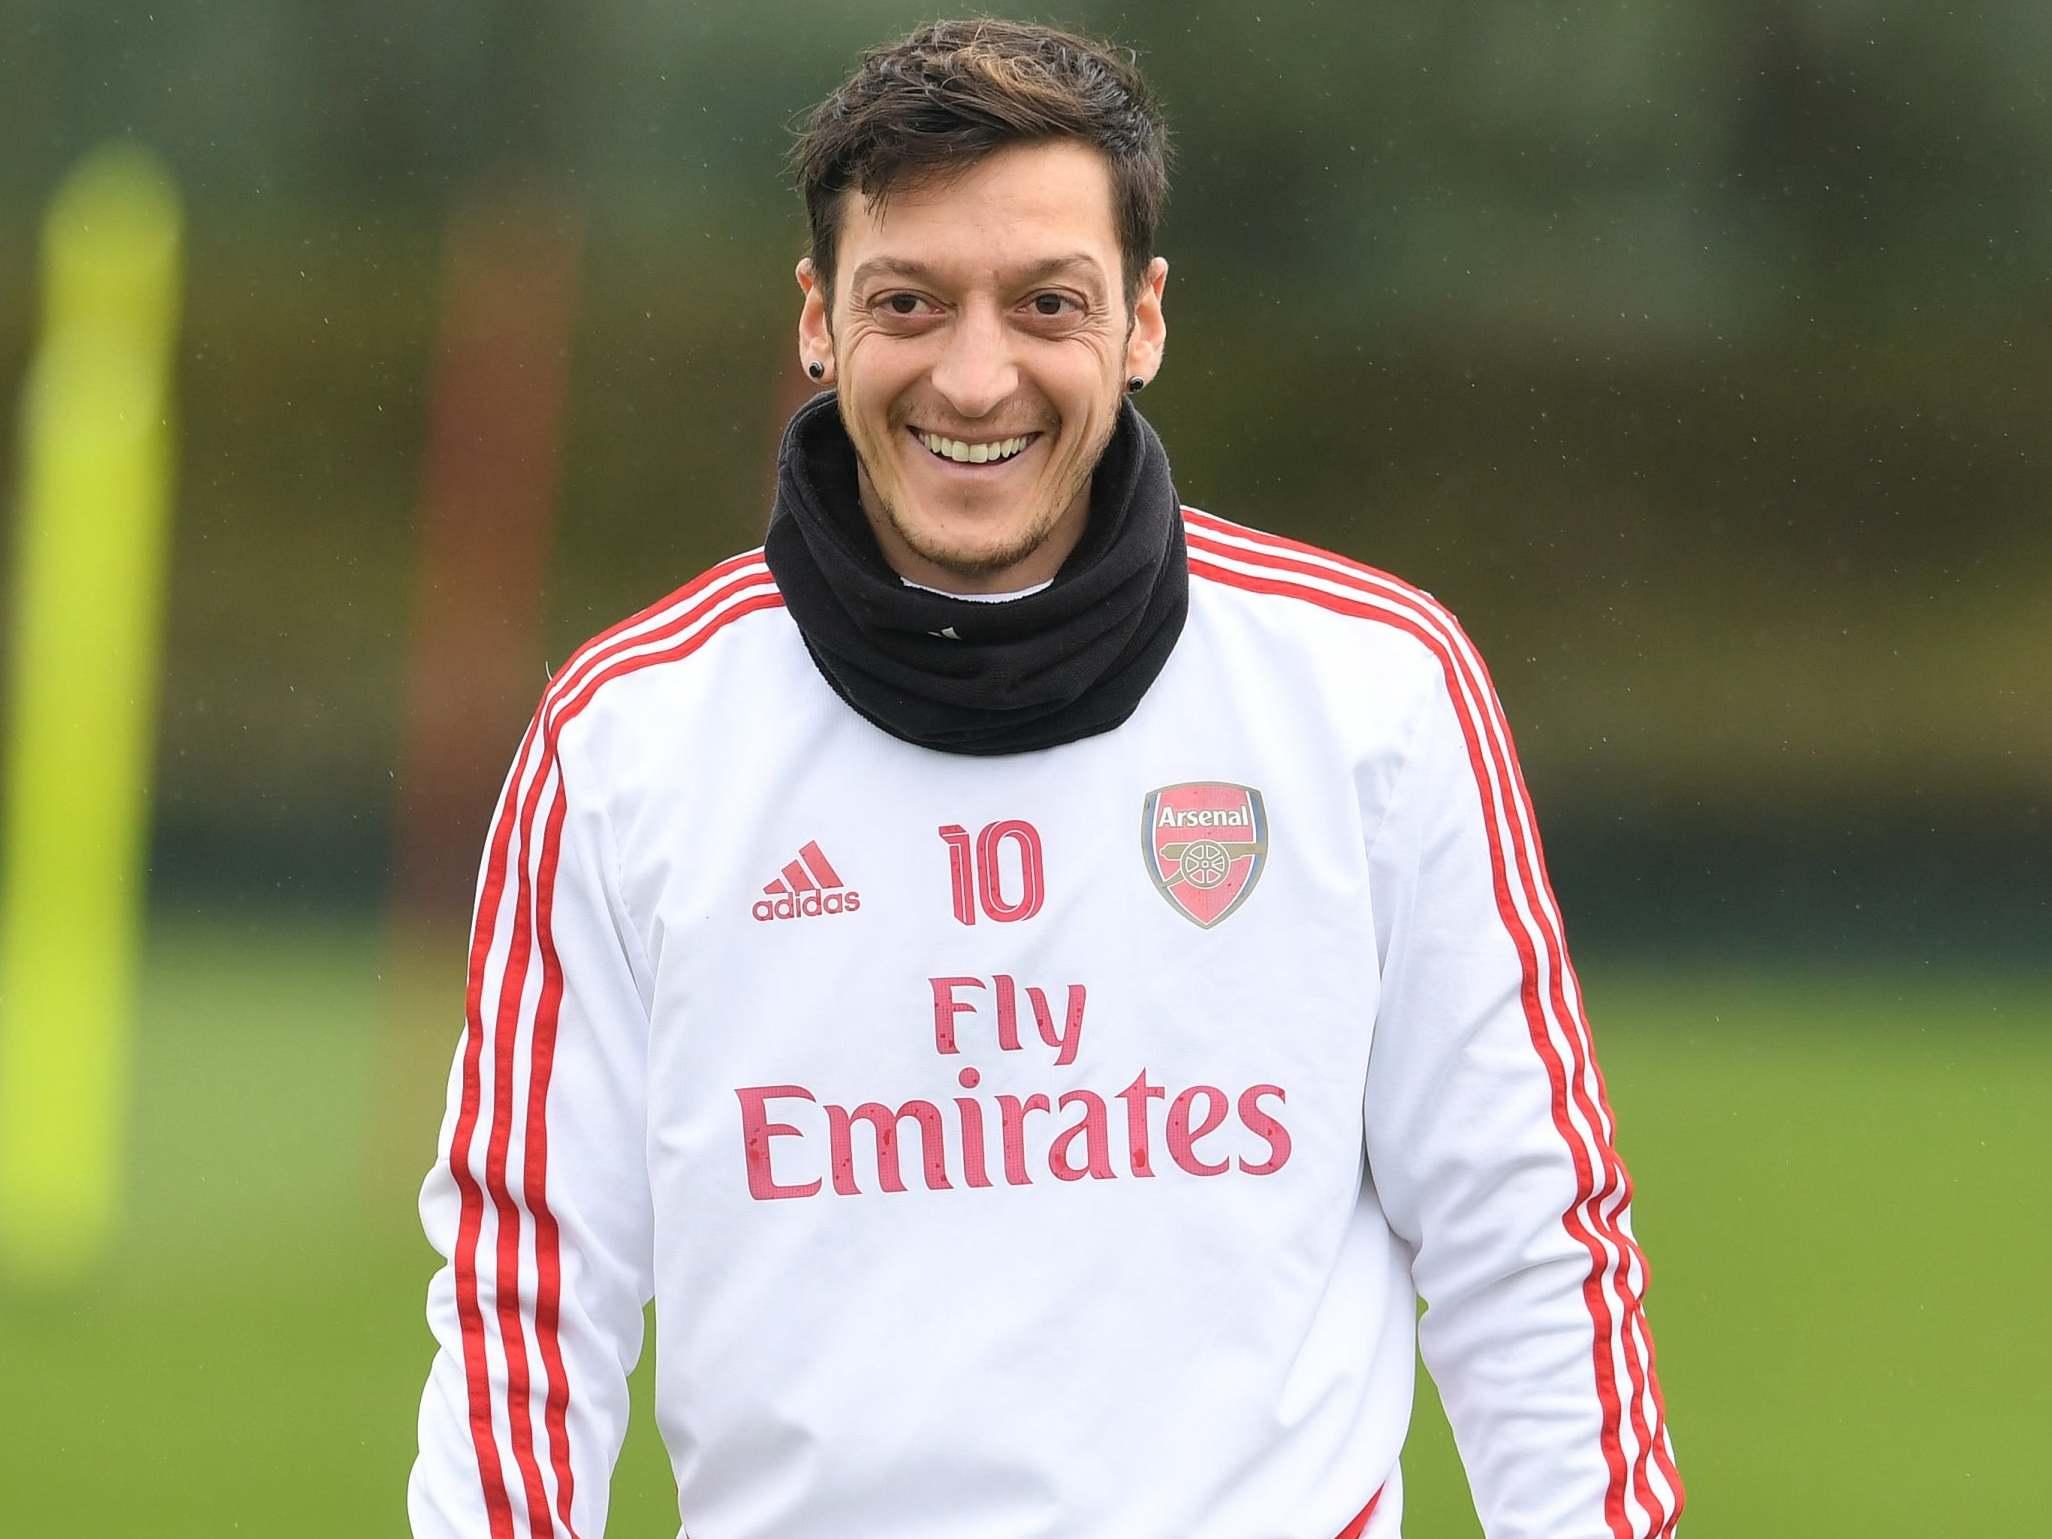 Arsenal özil